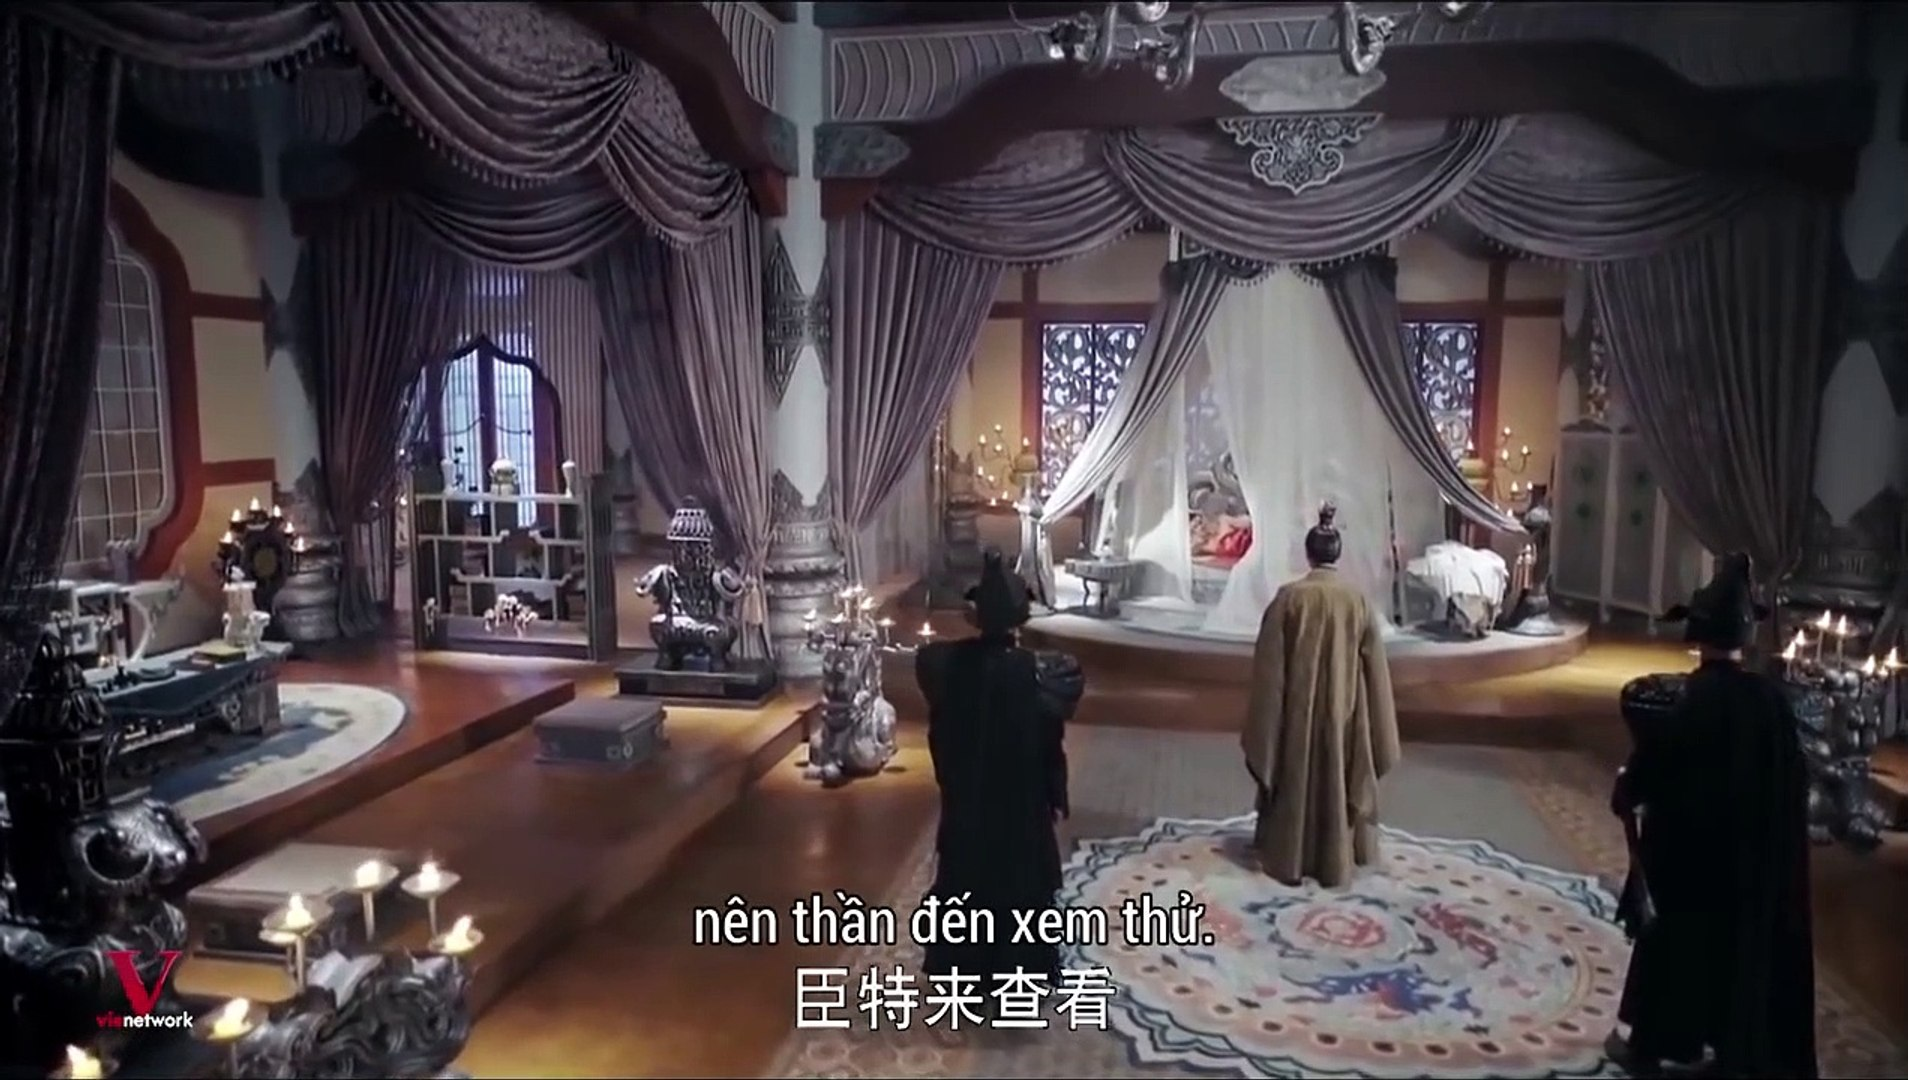 Cảnh -giường chiếu- bá đạo của Vô Cực, Phù Dao Phù Dao Hoàng Hậu (Legend of Fuyao)